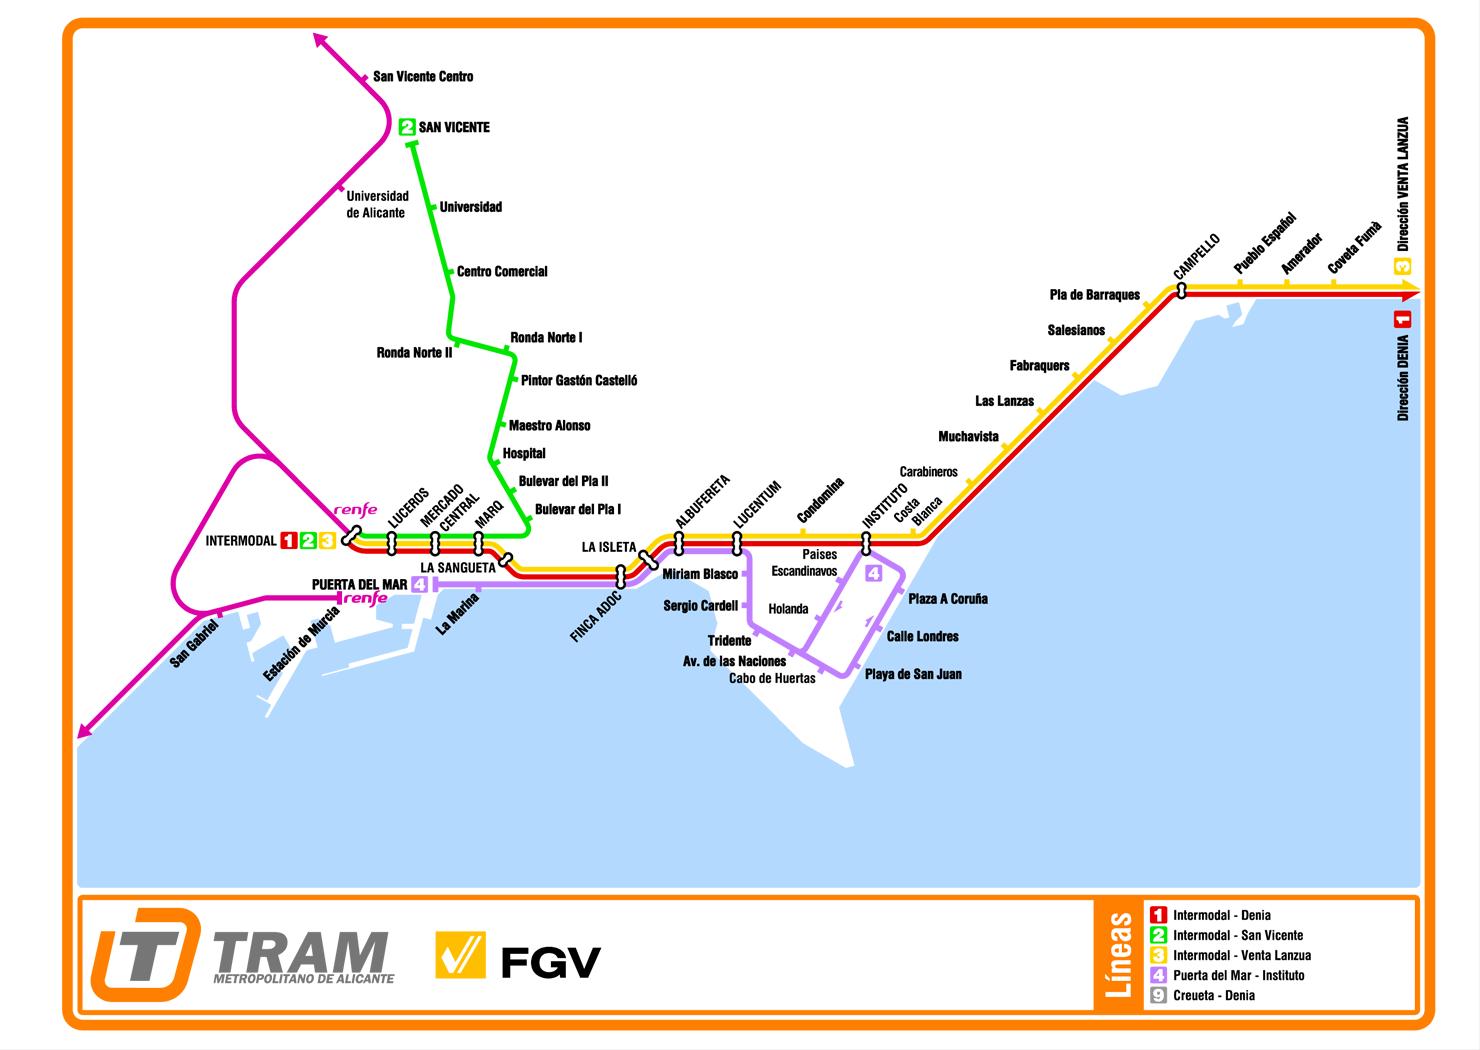 TRAM Metropolitano de Alicante - Wikipedia, la enciclopedia libre